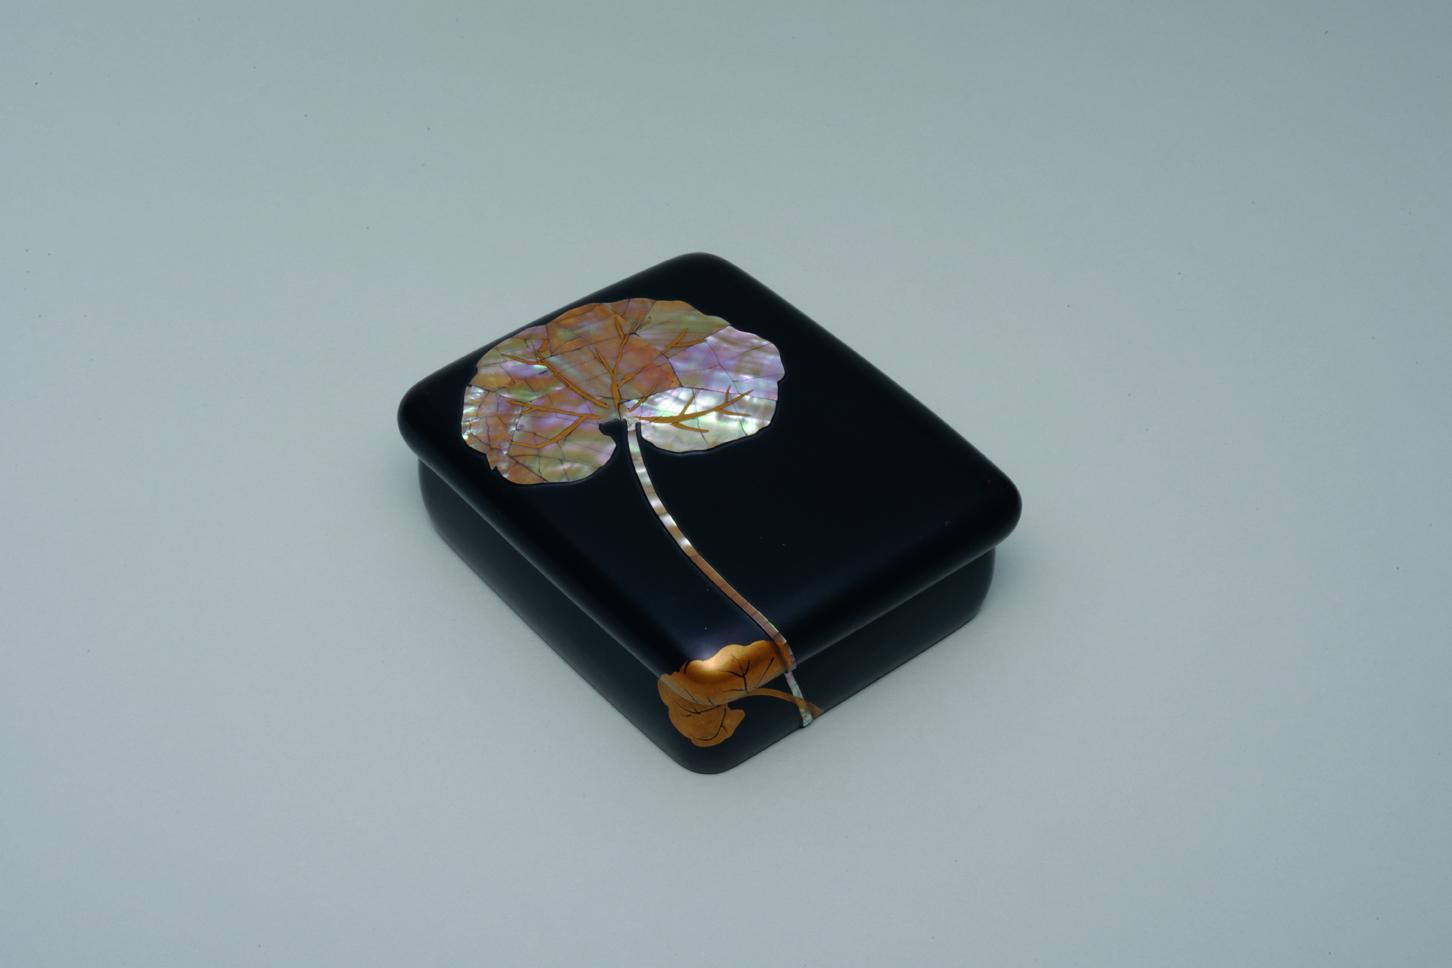 Kamisaka Sekka and Kamisaka Yūkichi, Tobacco box with design of lotus leaves